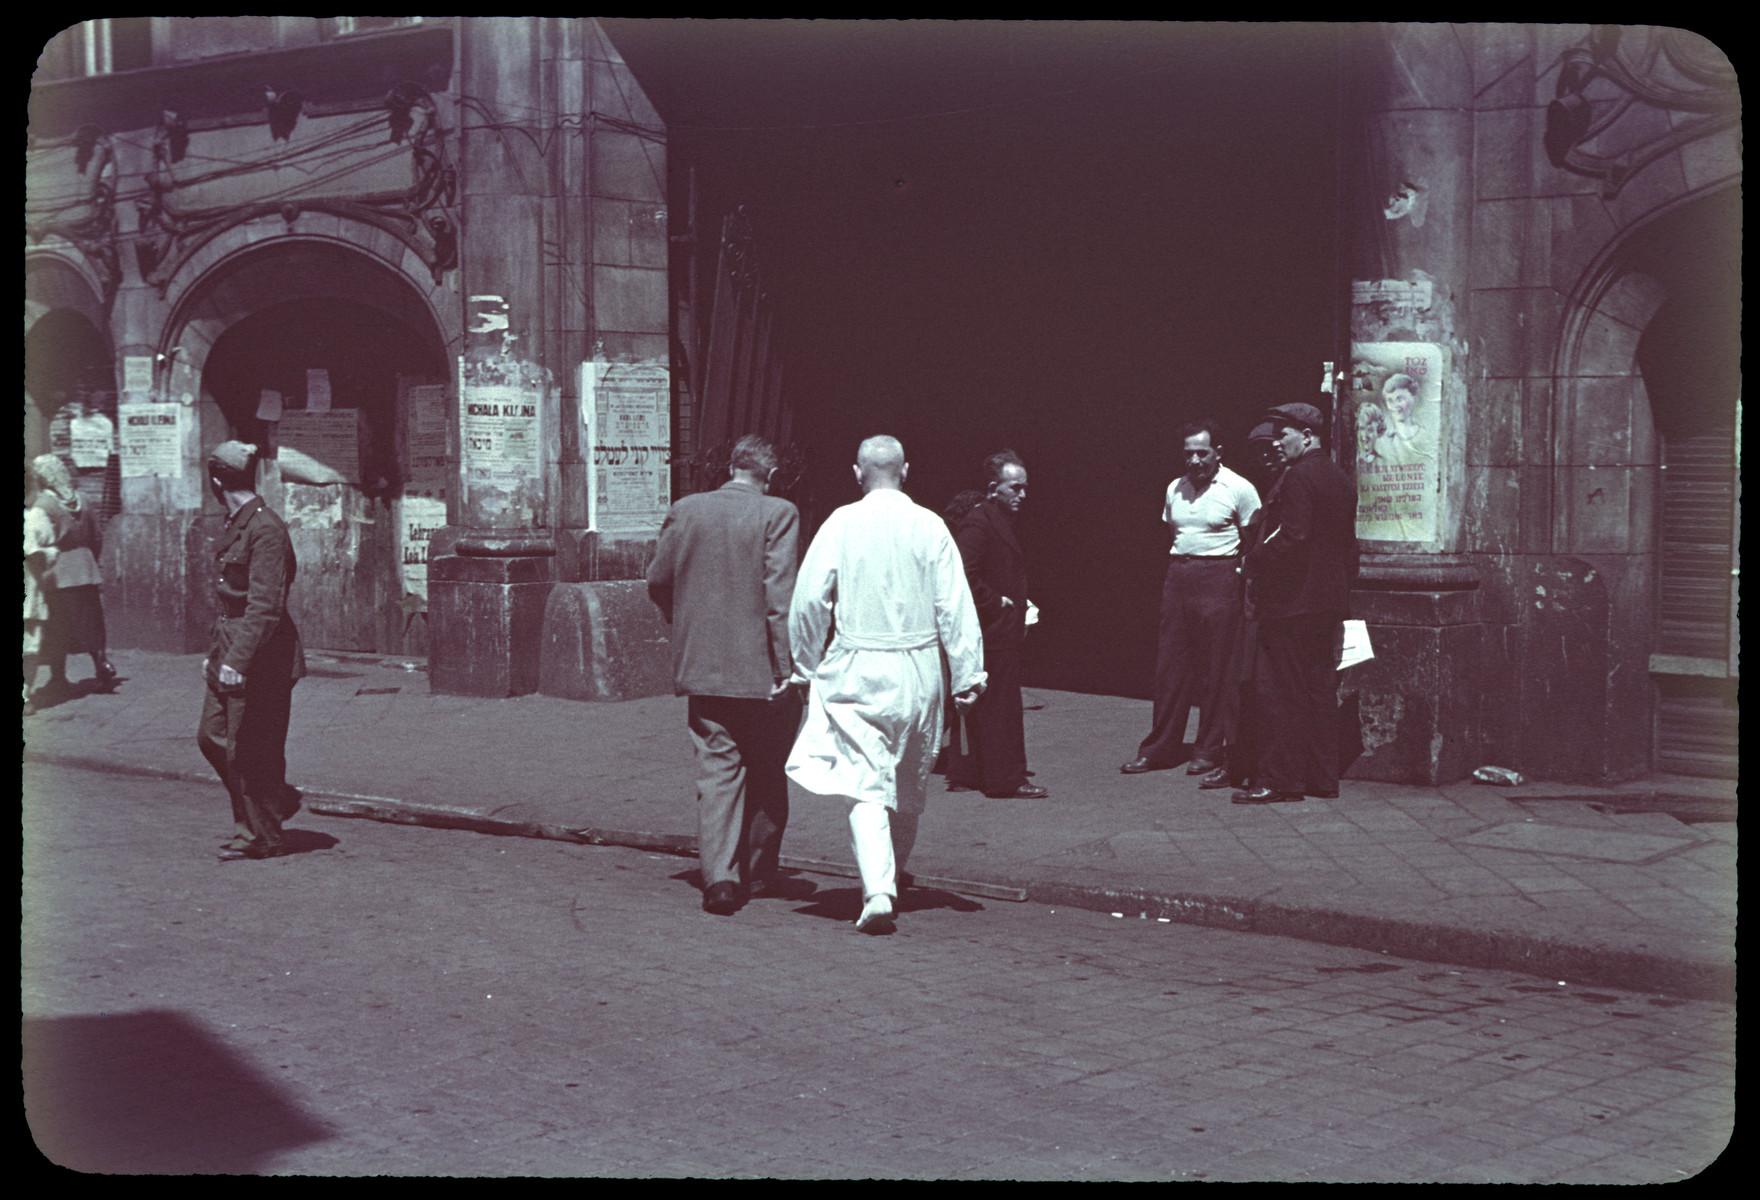 Street scene in postwar Lodz.